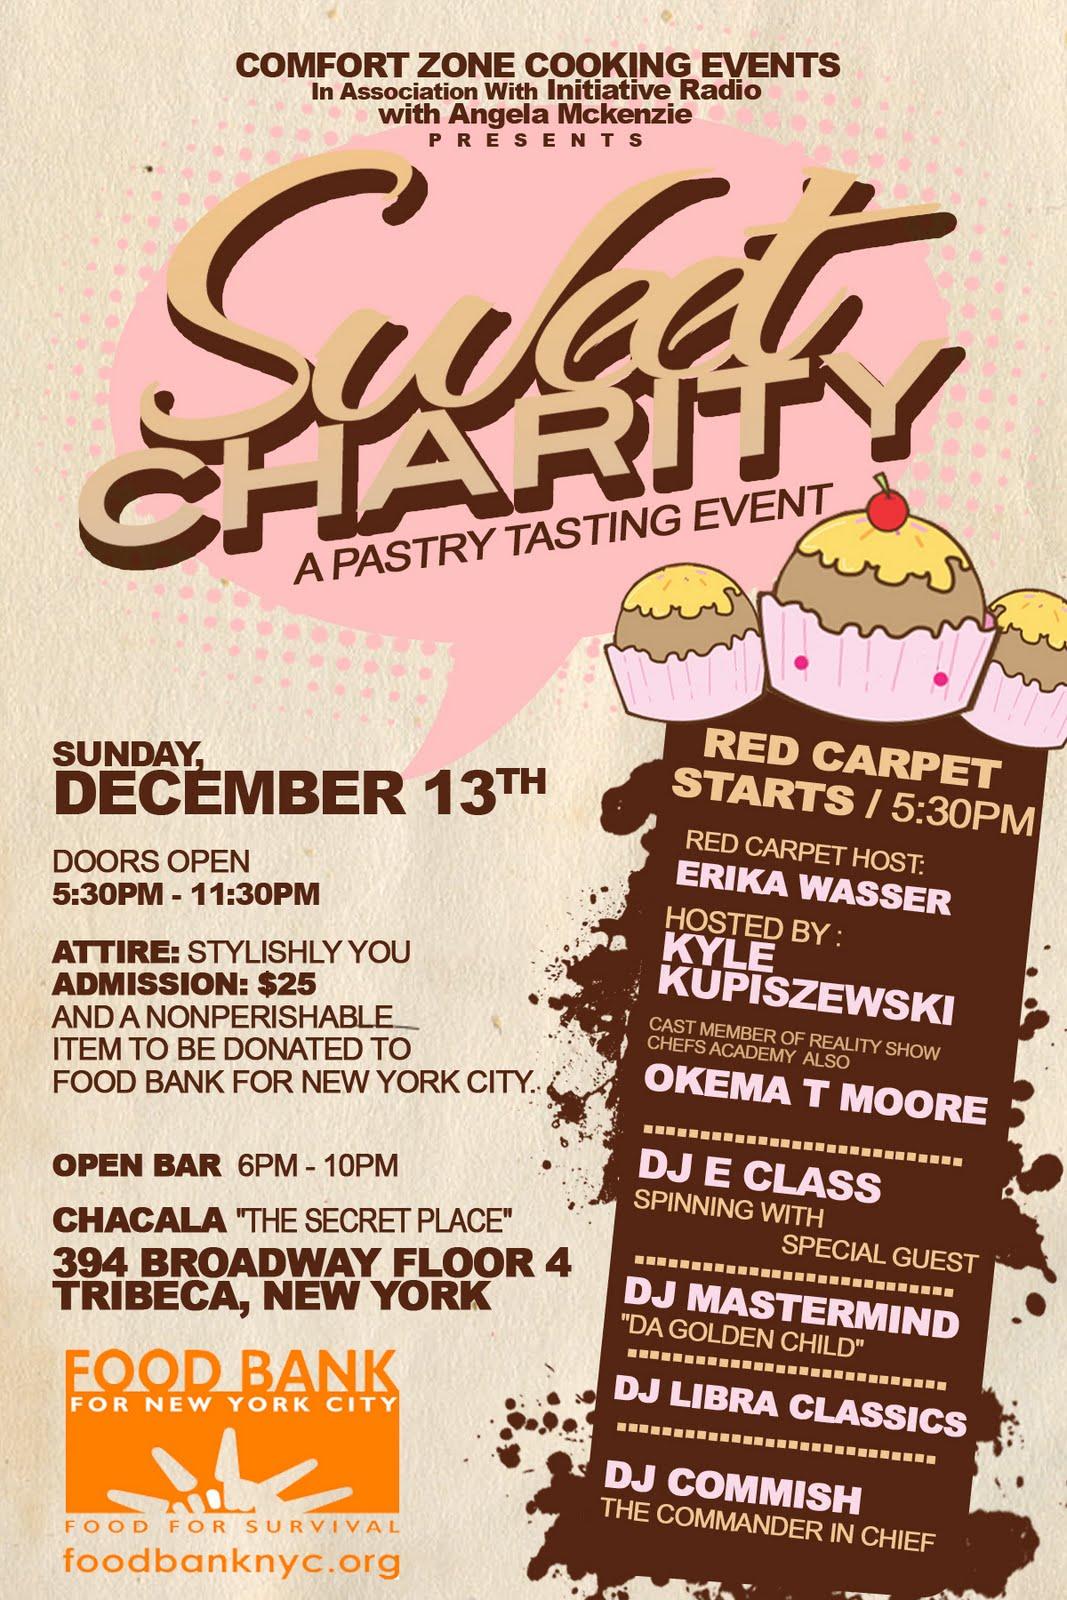 http://4.bp.blogspot.com/_4L2KTvtMj2w/Sx1Cj9JB15I/AAAAAAAAAGw/9I9BGDqzv3w/S1600-R/final+new+flyer+sweet+charity.jpg